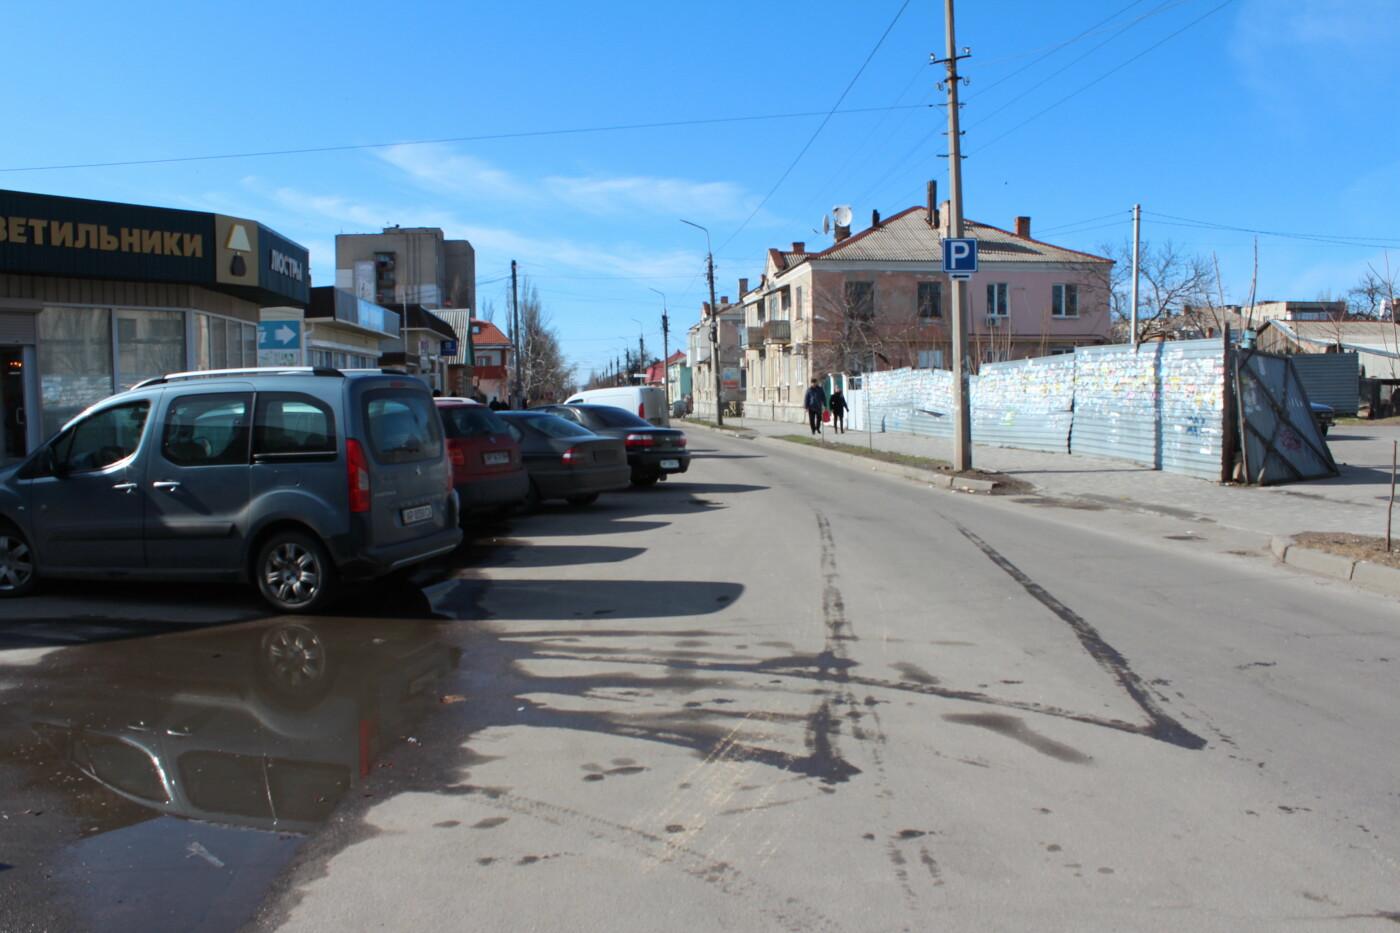 Паркування по-бердянськи — це неповага водіїв один до одного, фото-2